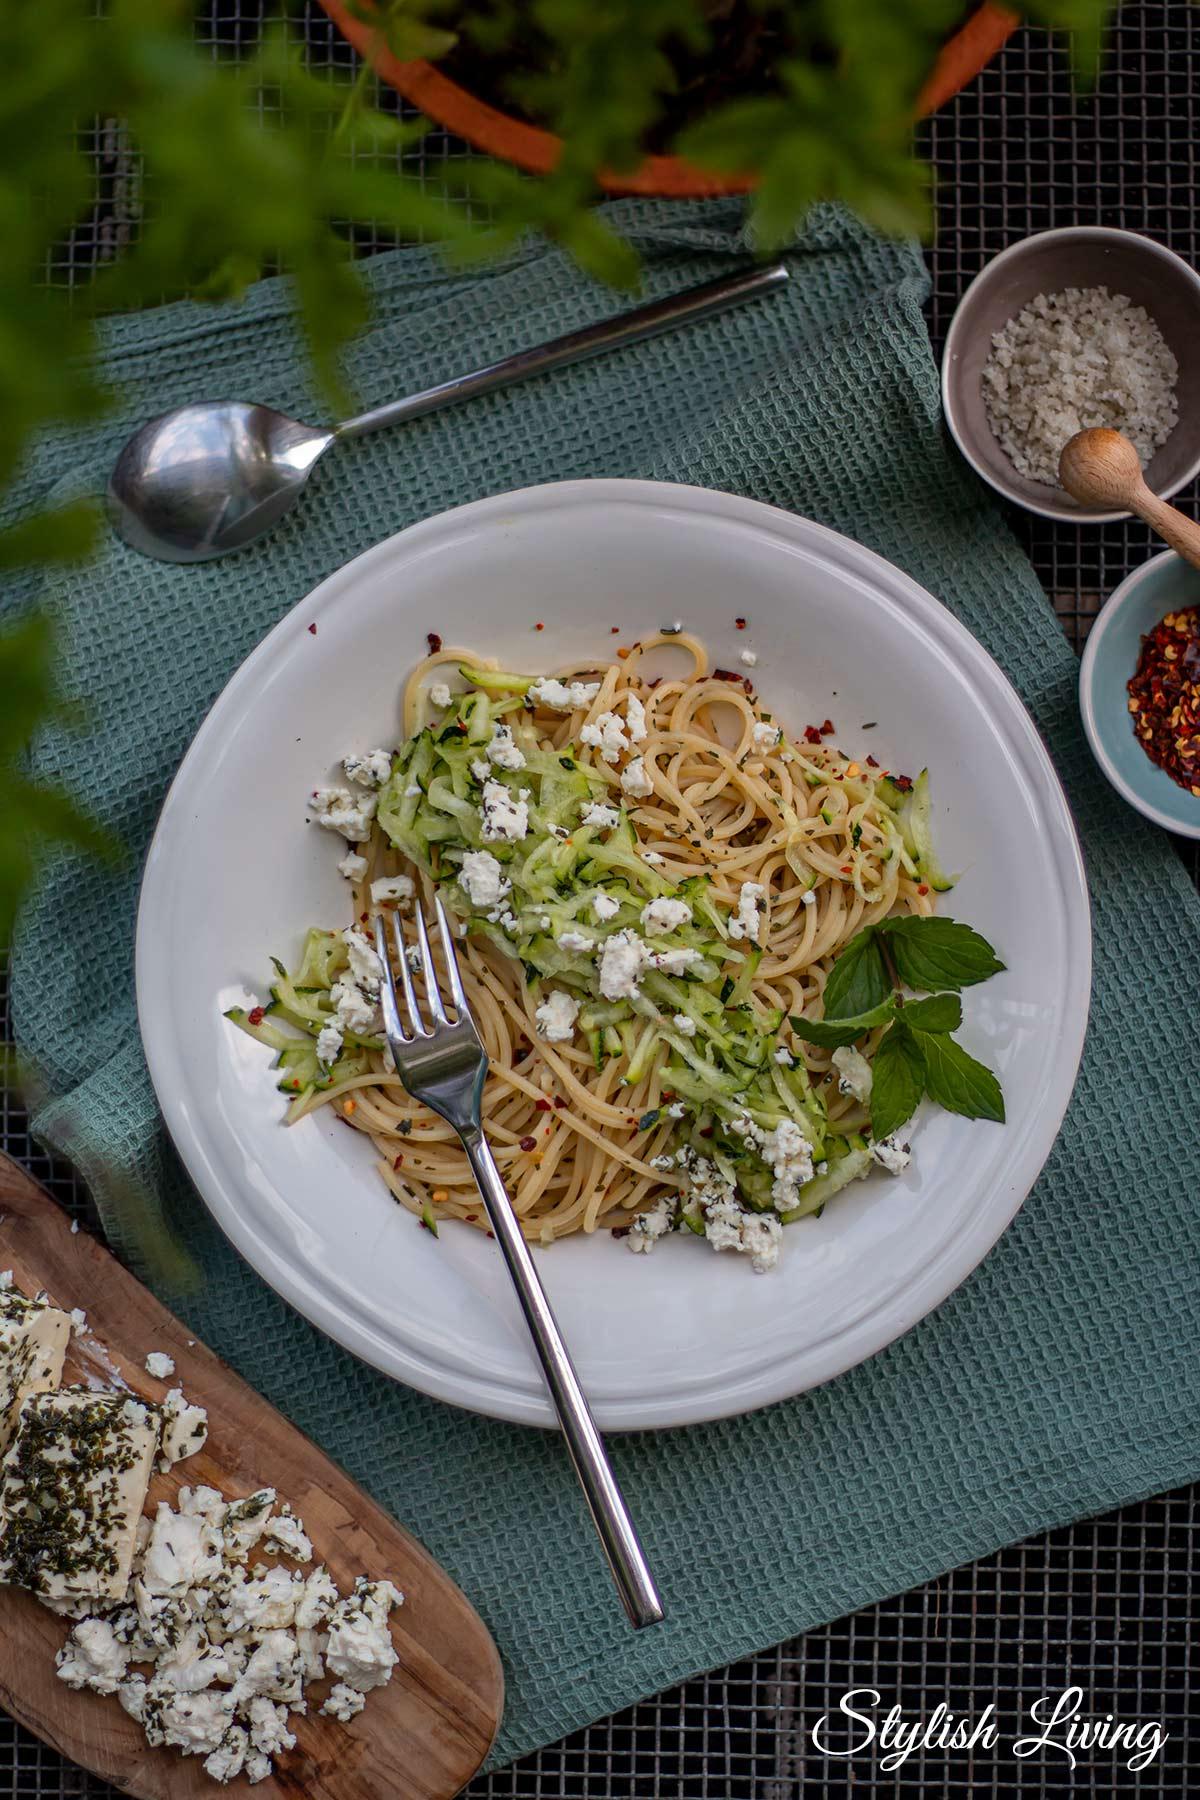 Zucchini-Minze-Pasta nach Donna Hay